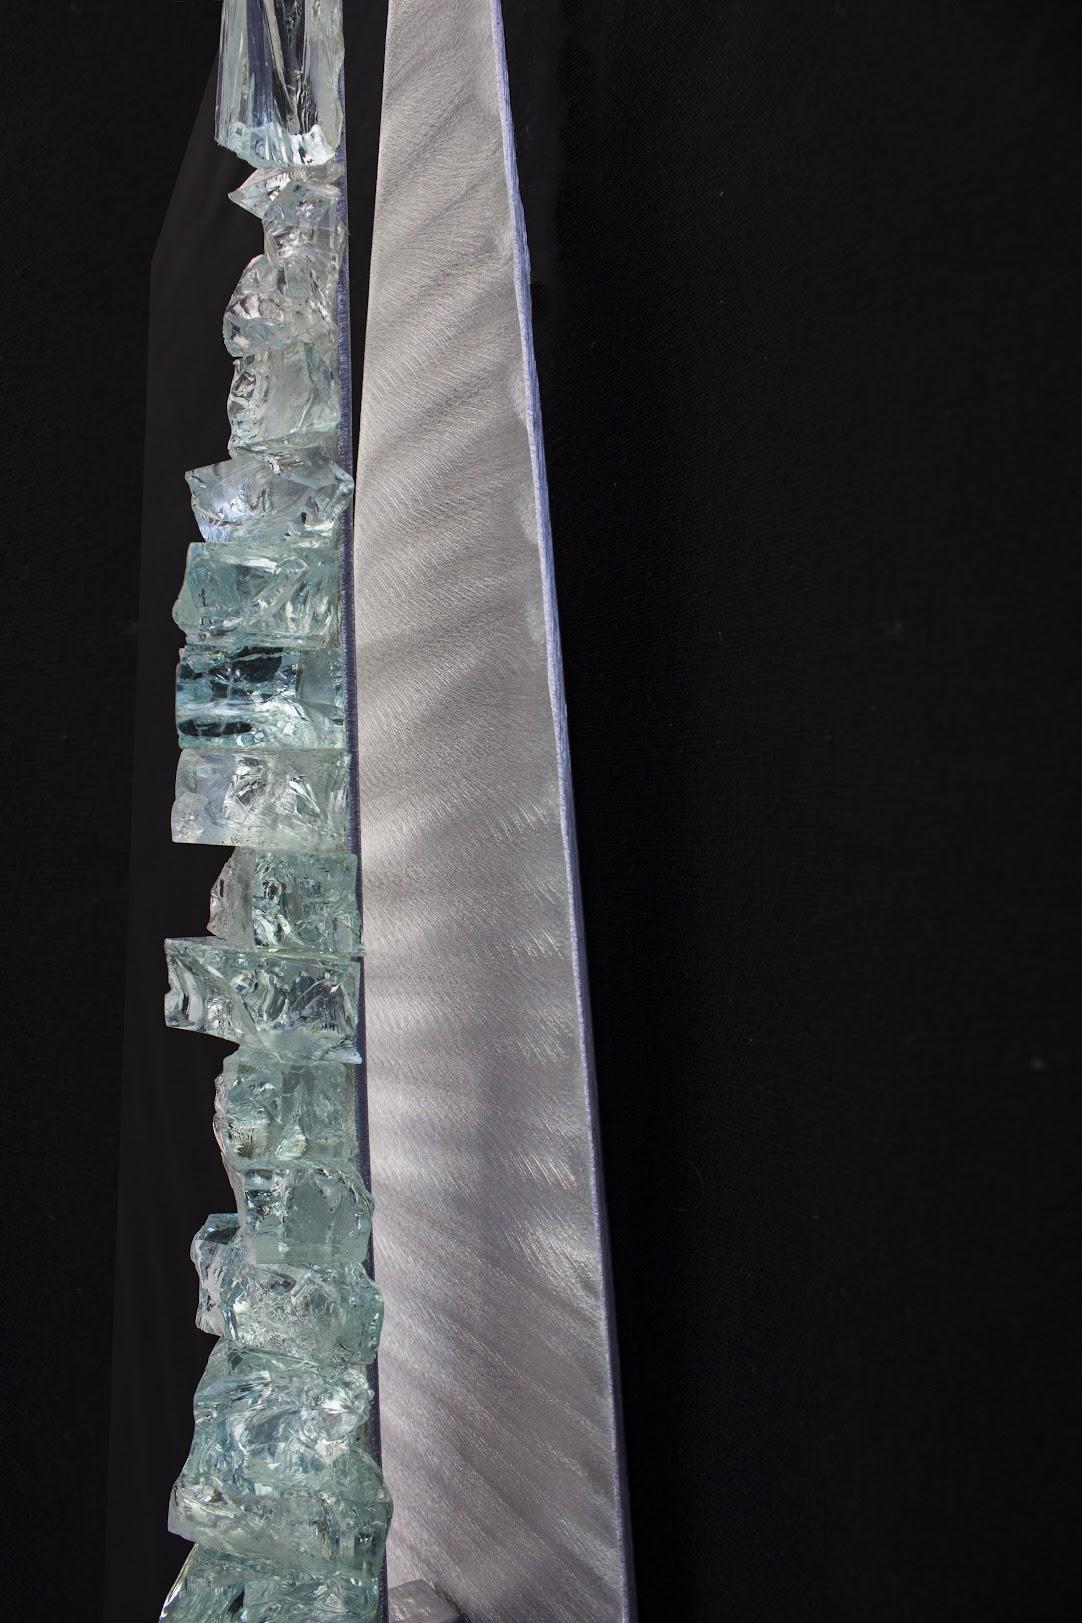 Glass Canoe detail